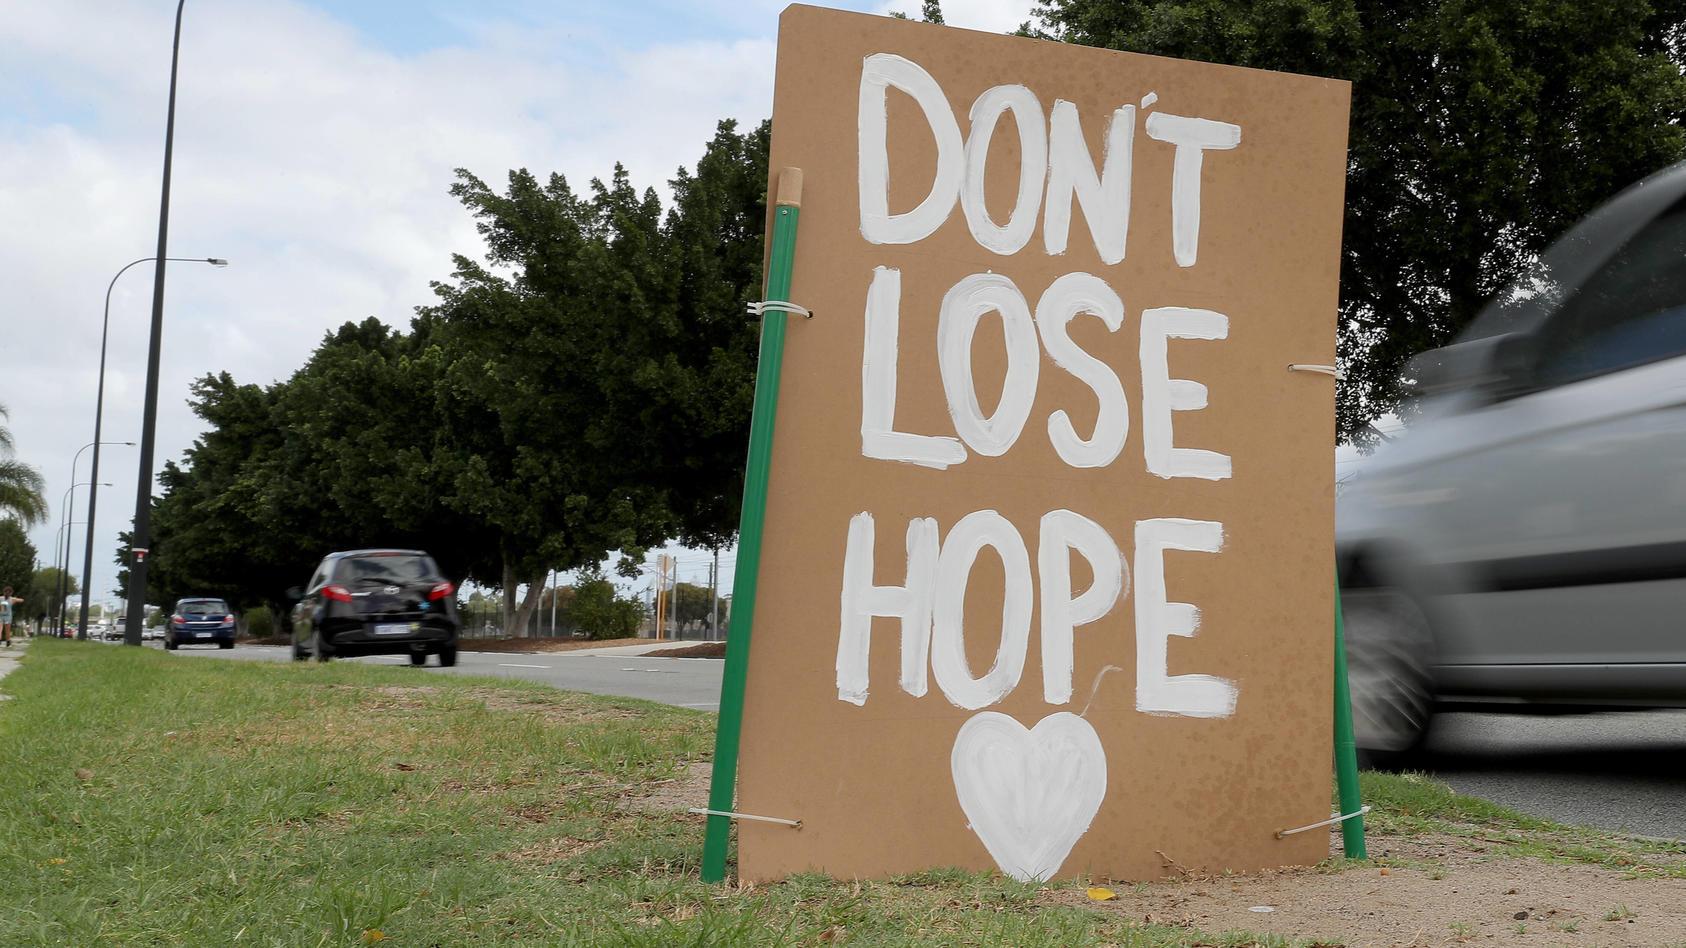 Die Hoffnung nicht zu verlieren, ist wichtig in der Corona-Krise. Gute Nachrichten helfen dabei.